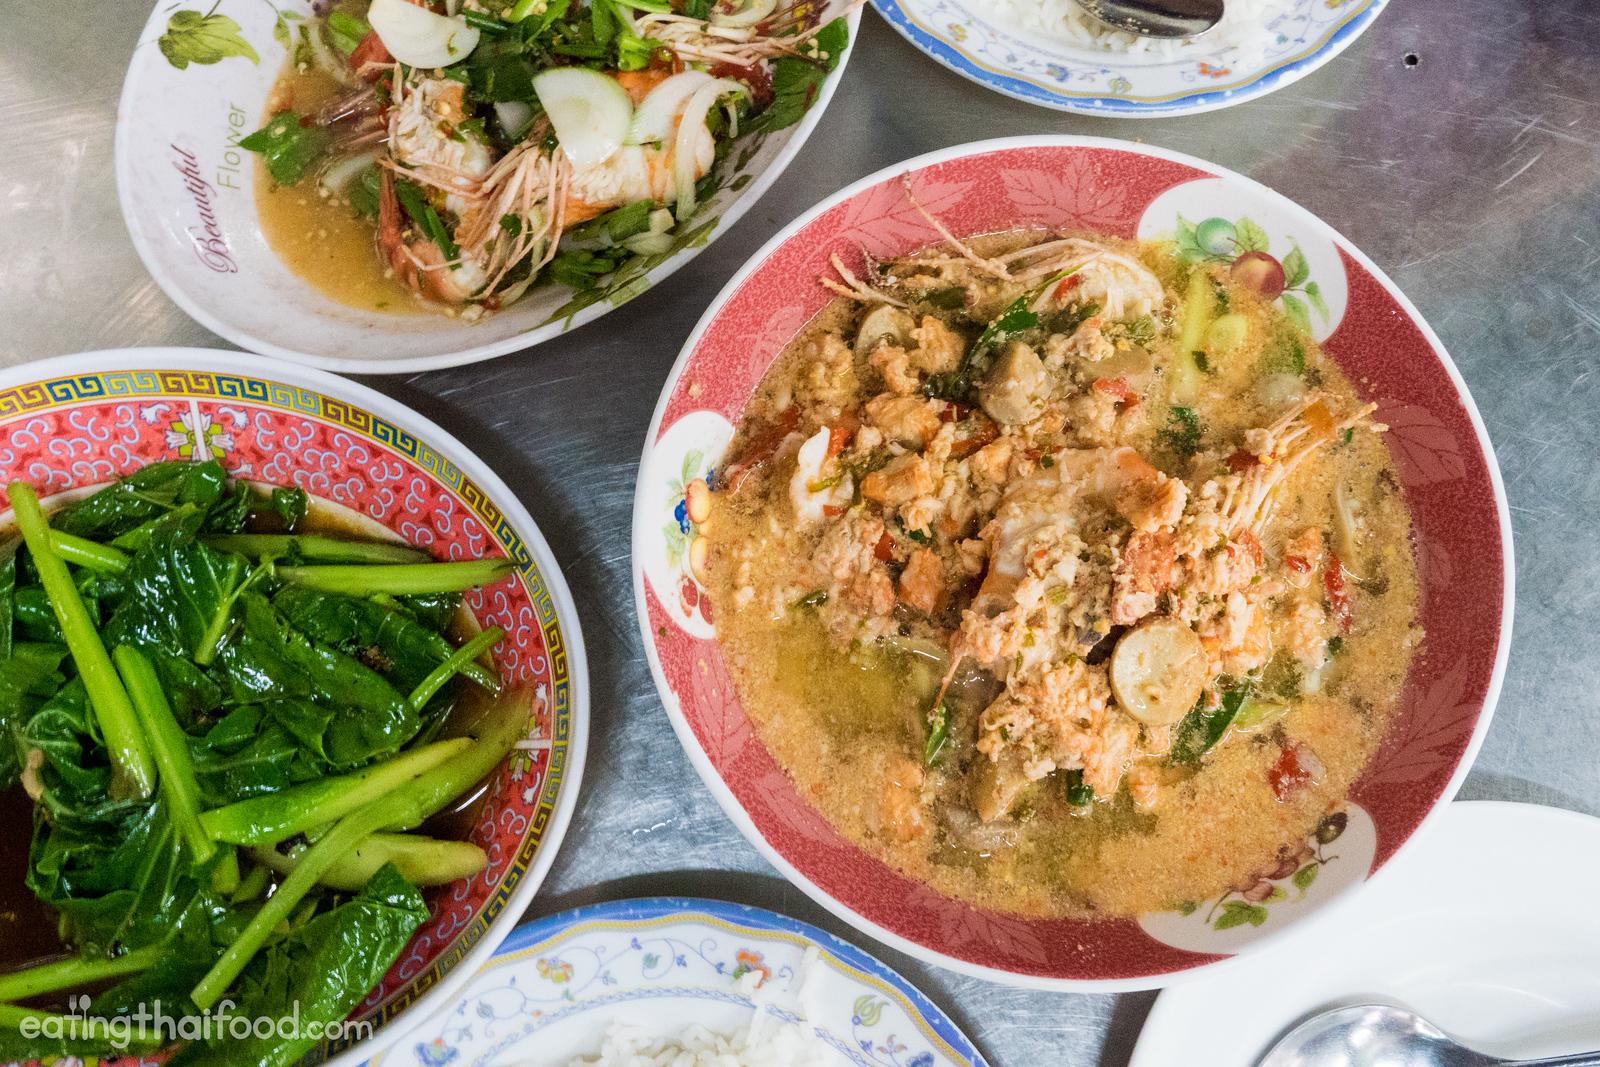 Tom yum goong in Bangkok